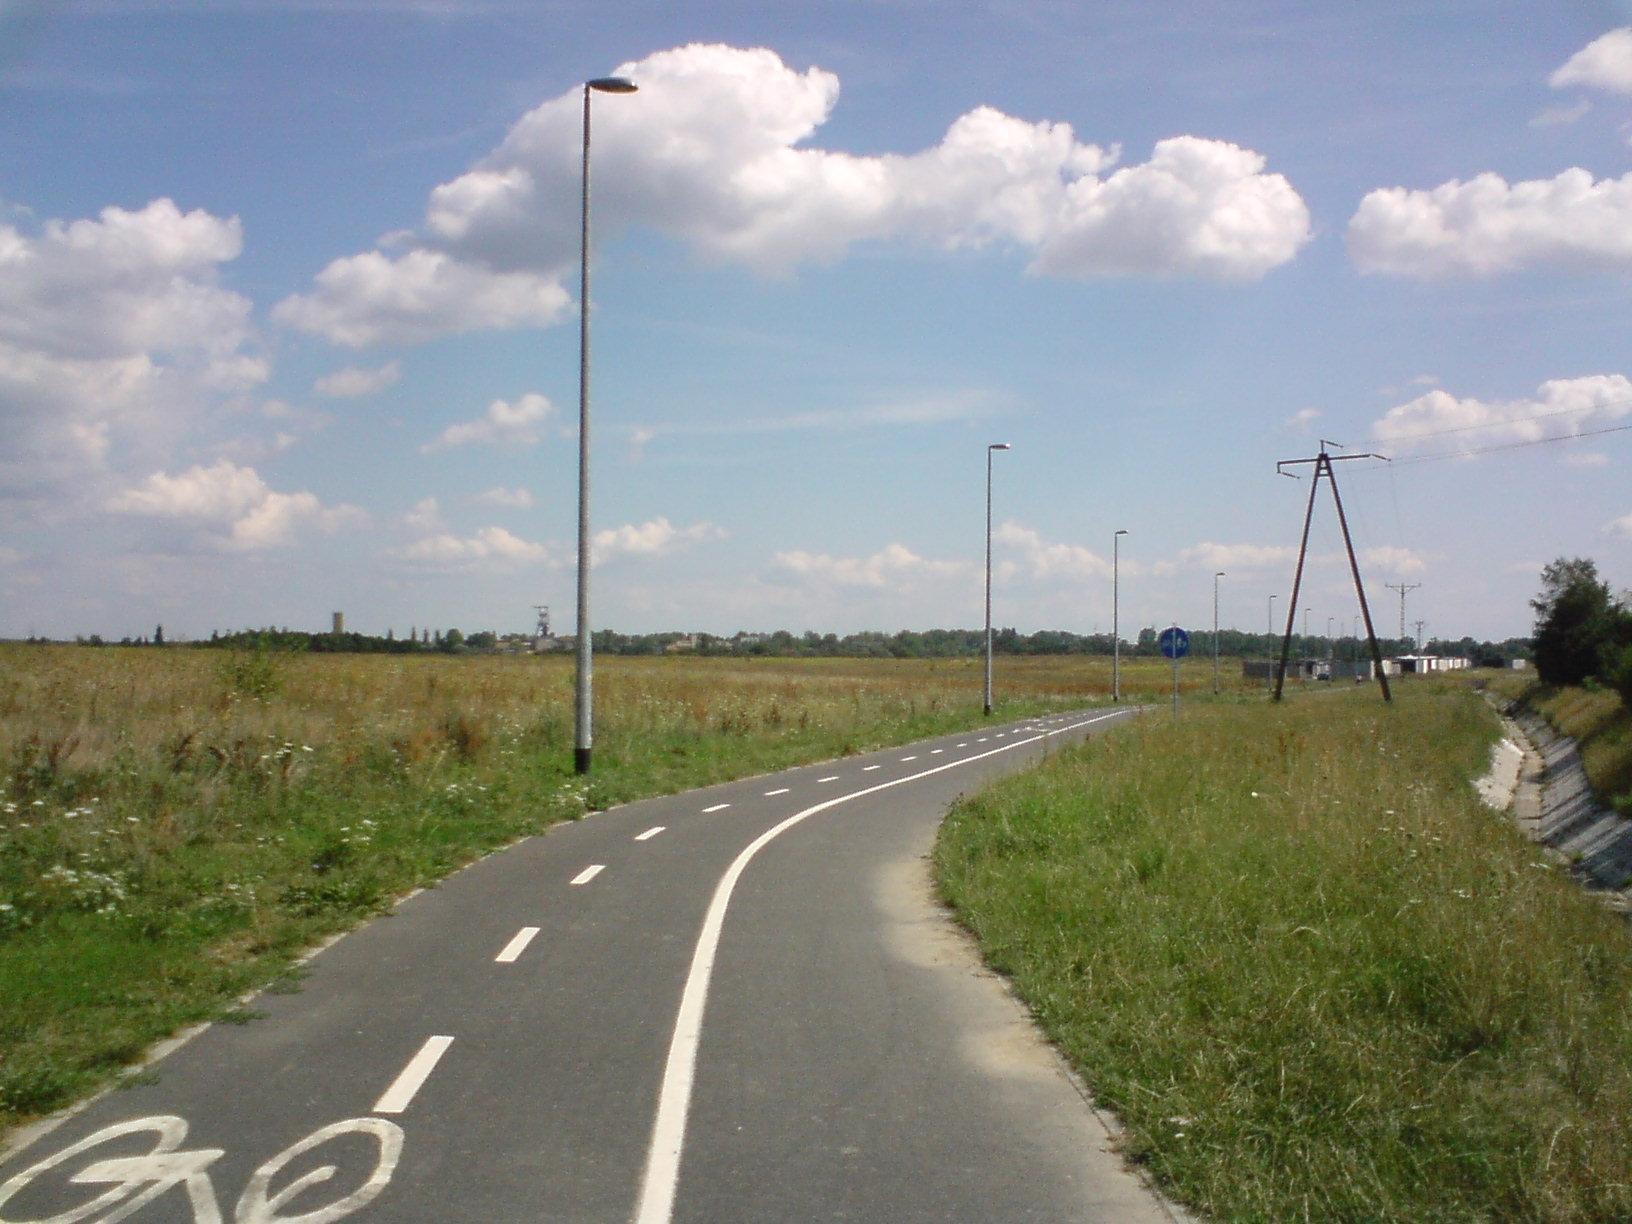 Droga rowerowa coraz bliżej